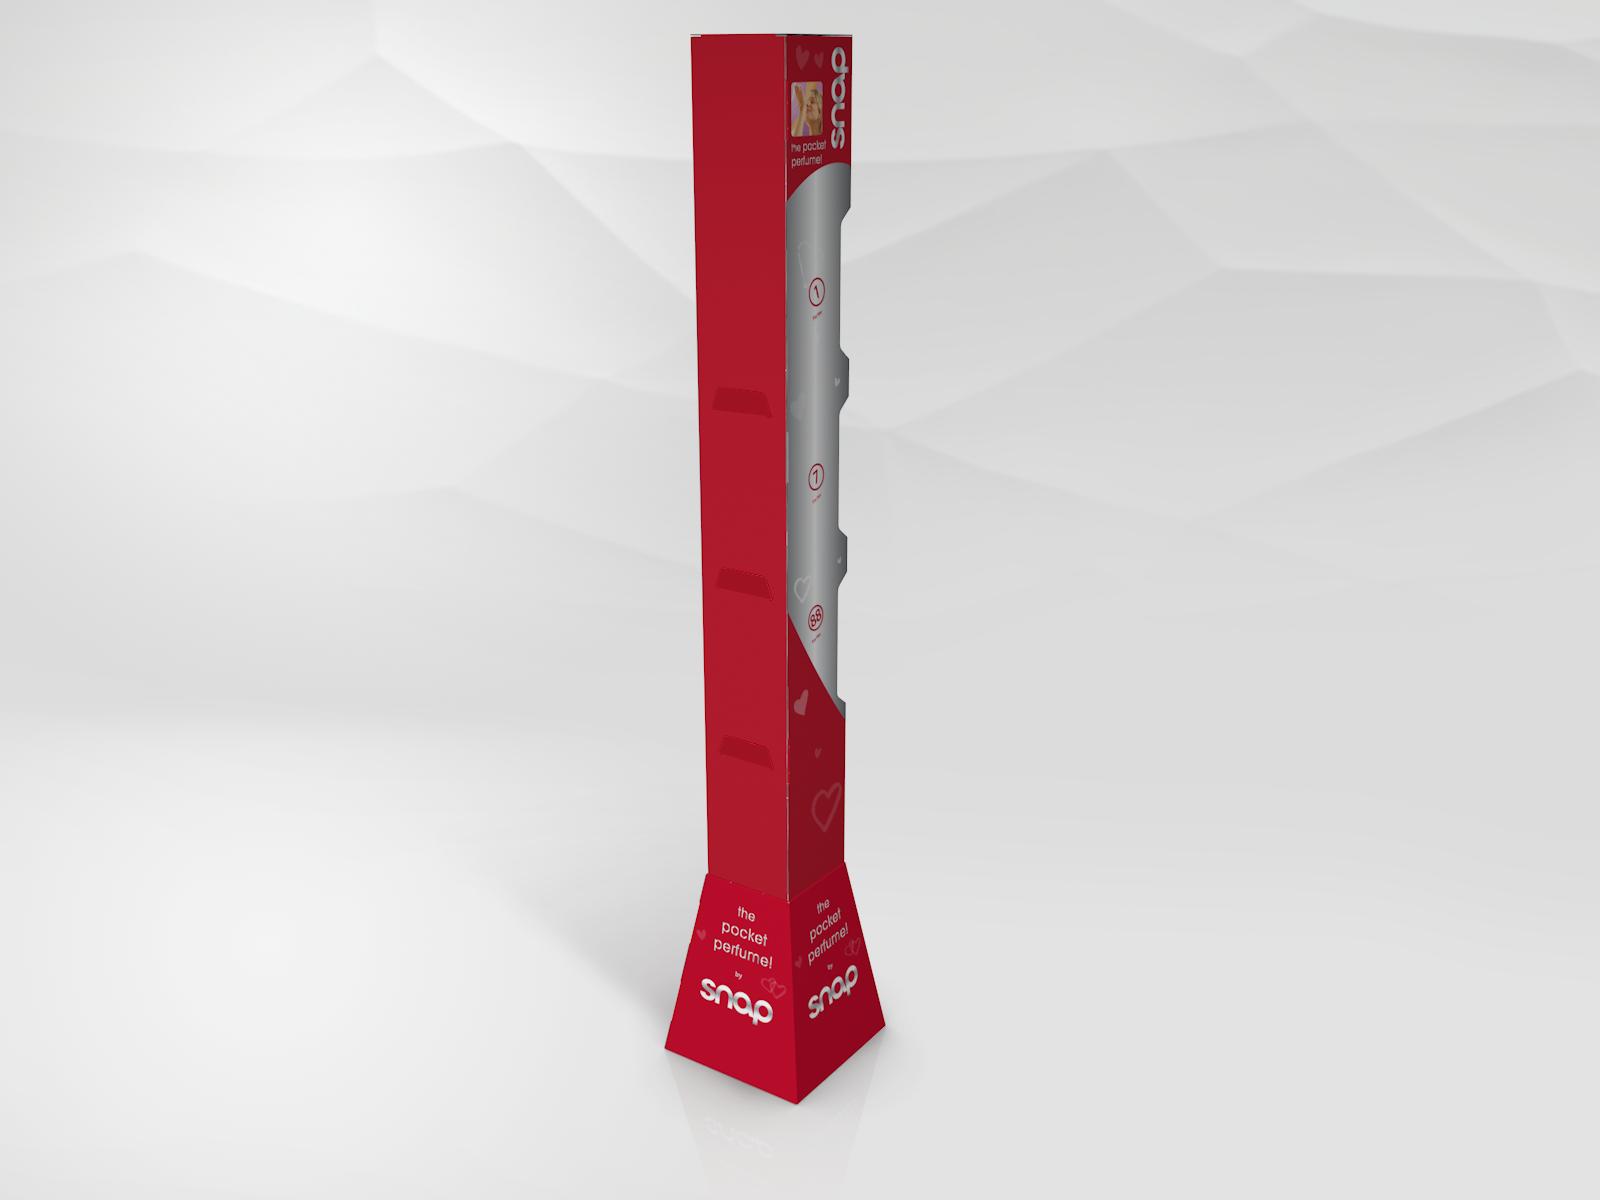 Slim tower display